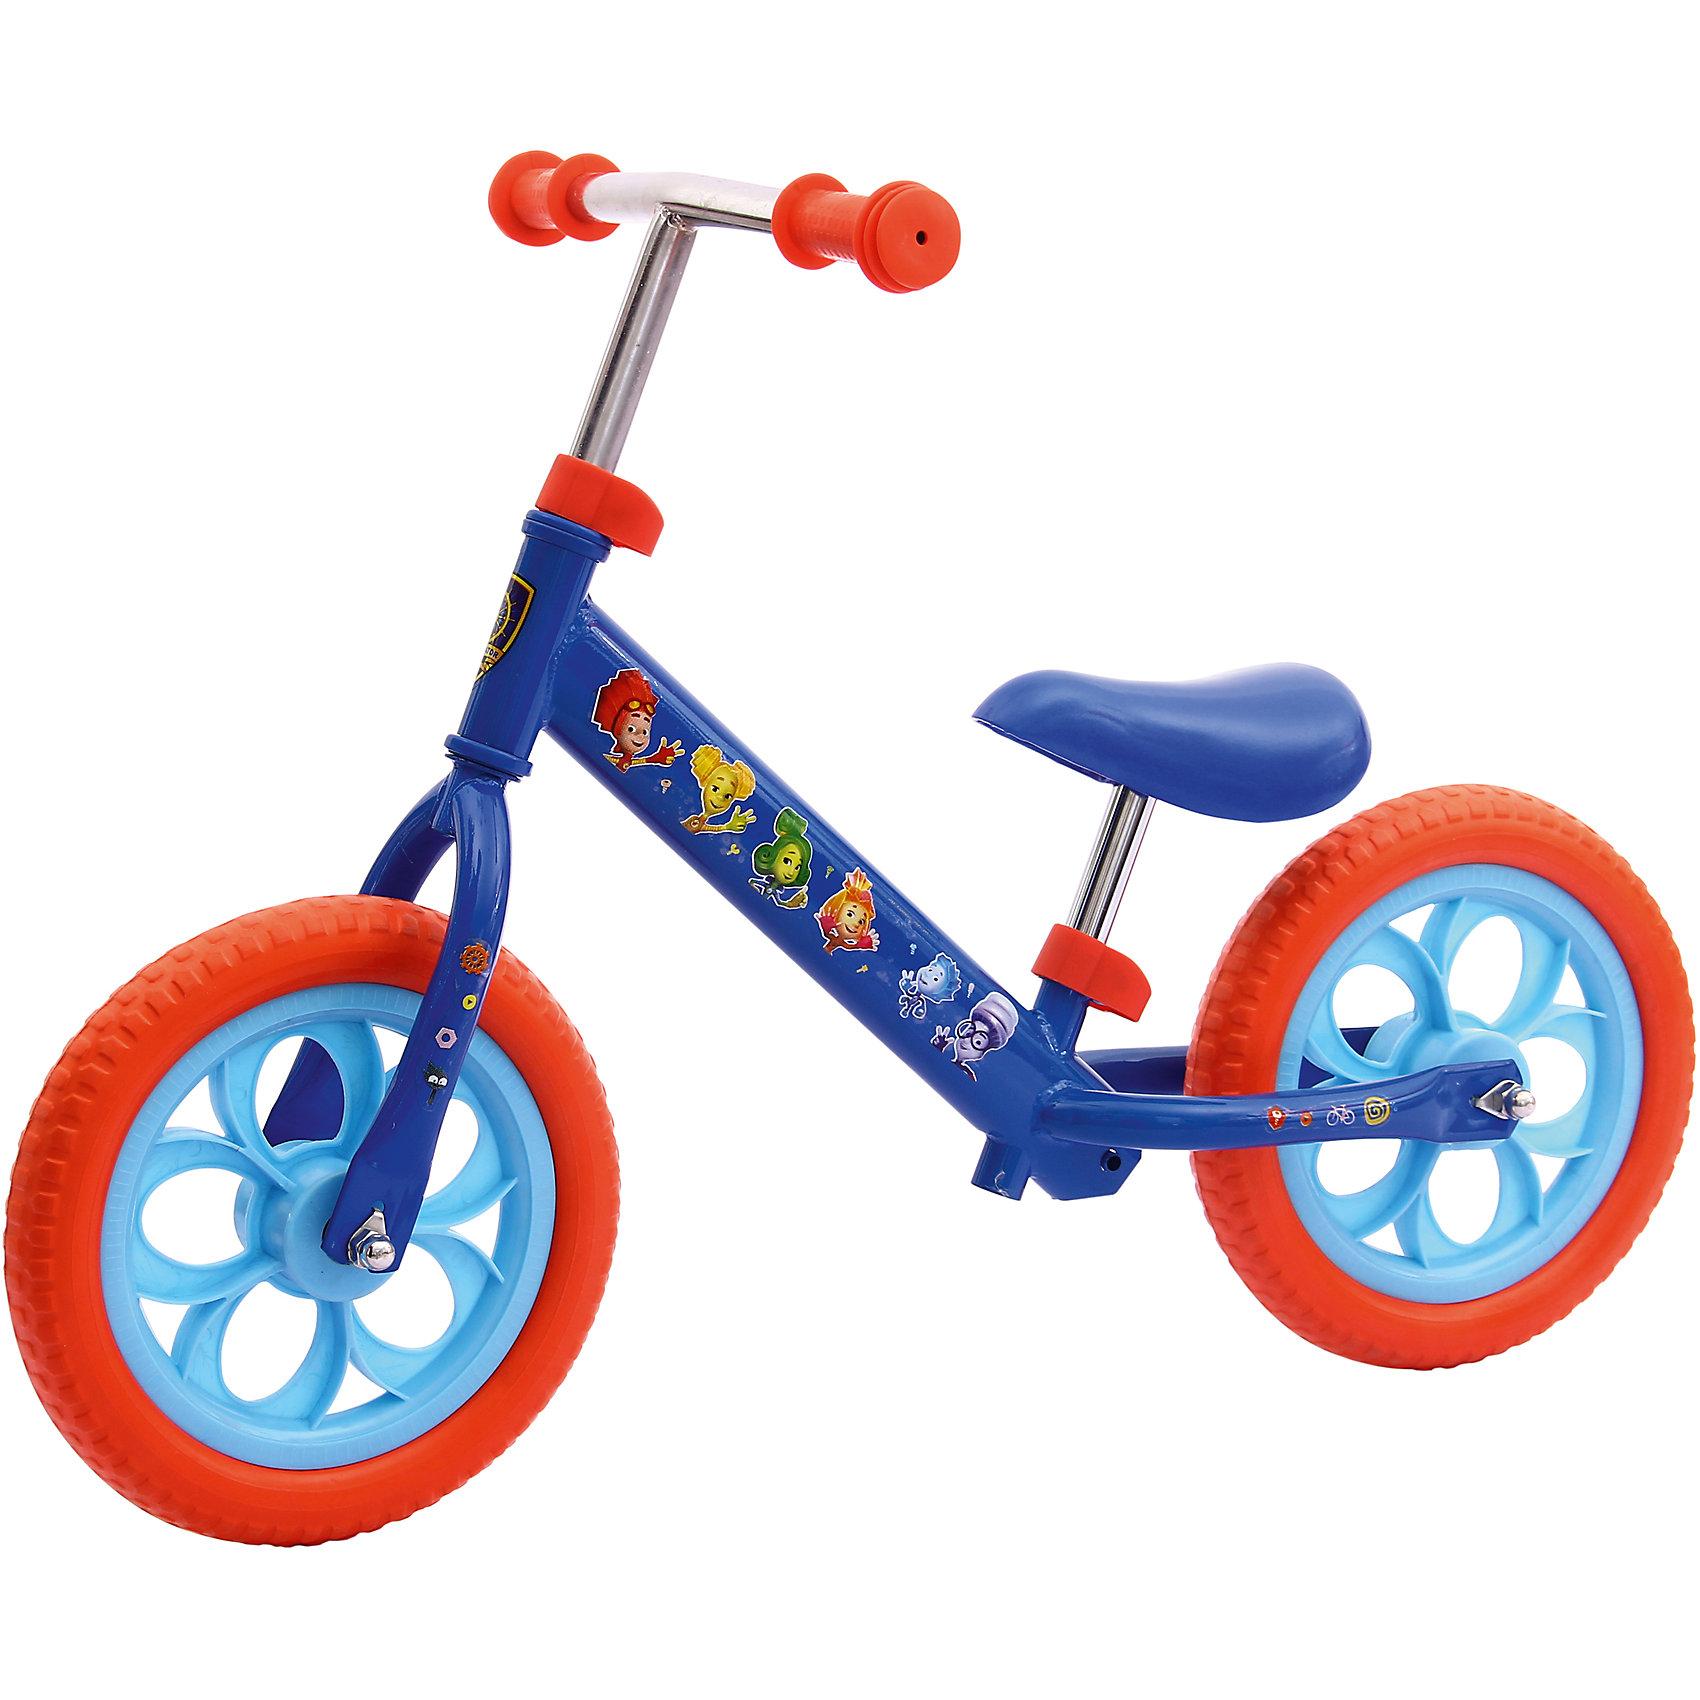 Беговел, Фиксики, NavigatorБеговелы<br>Беговел, Фиксики, Navigator (Навигатор)<br><br>Характеристики:<br><br>• колеса плавно едут по дороге<br>• высота сиденья регулируется<br>• яркий дизайн в стиле мультфильма Фиксики<br>• диаметр колес - 12 дюймов<br>• максимальная нагрузка: 35 кг<br>• материал колес: EVA<br>• размер: 88х42х56 см<br>• материал: сталь<br>• размер упаковки: 16х32х57 см<br>• вес: 3,520 кг<br><br>Первое транспортное средство ребенка должно быть красивым и безопасным. Беговел Navigator  изготовлен из качественных прочных материалов, а его рама украшена изображением героев мультфильма Фиксики. Высота сидения регулируется. Ручки очень удобны для ребенка. Колеса из EVA-полимера очень легкие и хорошо передвигаются по дороге. Кататься с любимыми героями очень весело и интересно!<br><br>Беговел, Фиксики, Navigator (Навигатор) вы можете купить в нашем интернет-магазине.<br><br>Ширина мм: 570<br>Глубина мм: 320<br>Высота мм: 160<br>Вес г: 3520<br>Возраст от месяцев: 36<br>Возраст до месяцев: 2147483647<br>Пол: Мужской<br>Возраст: Детский<br>SKU: 5440863